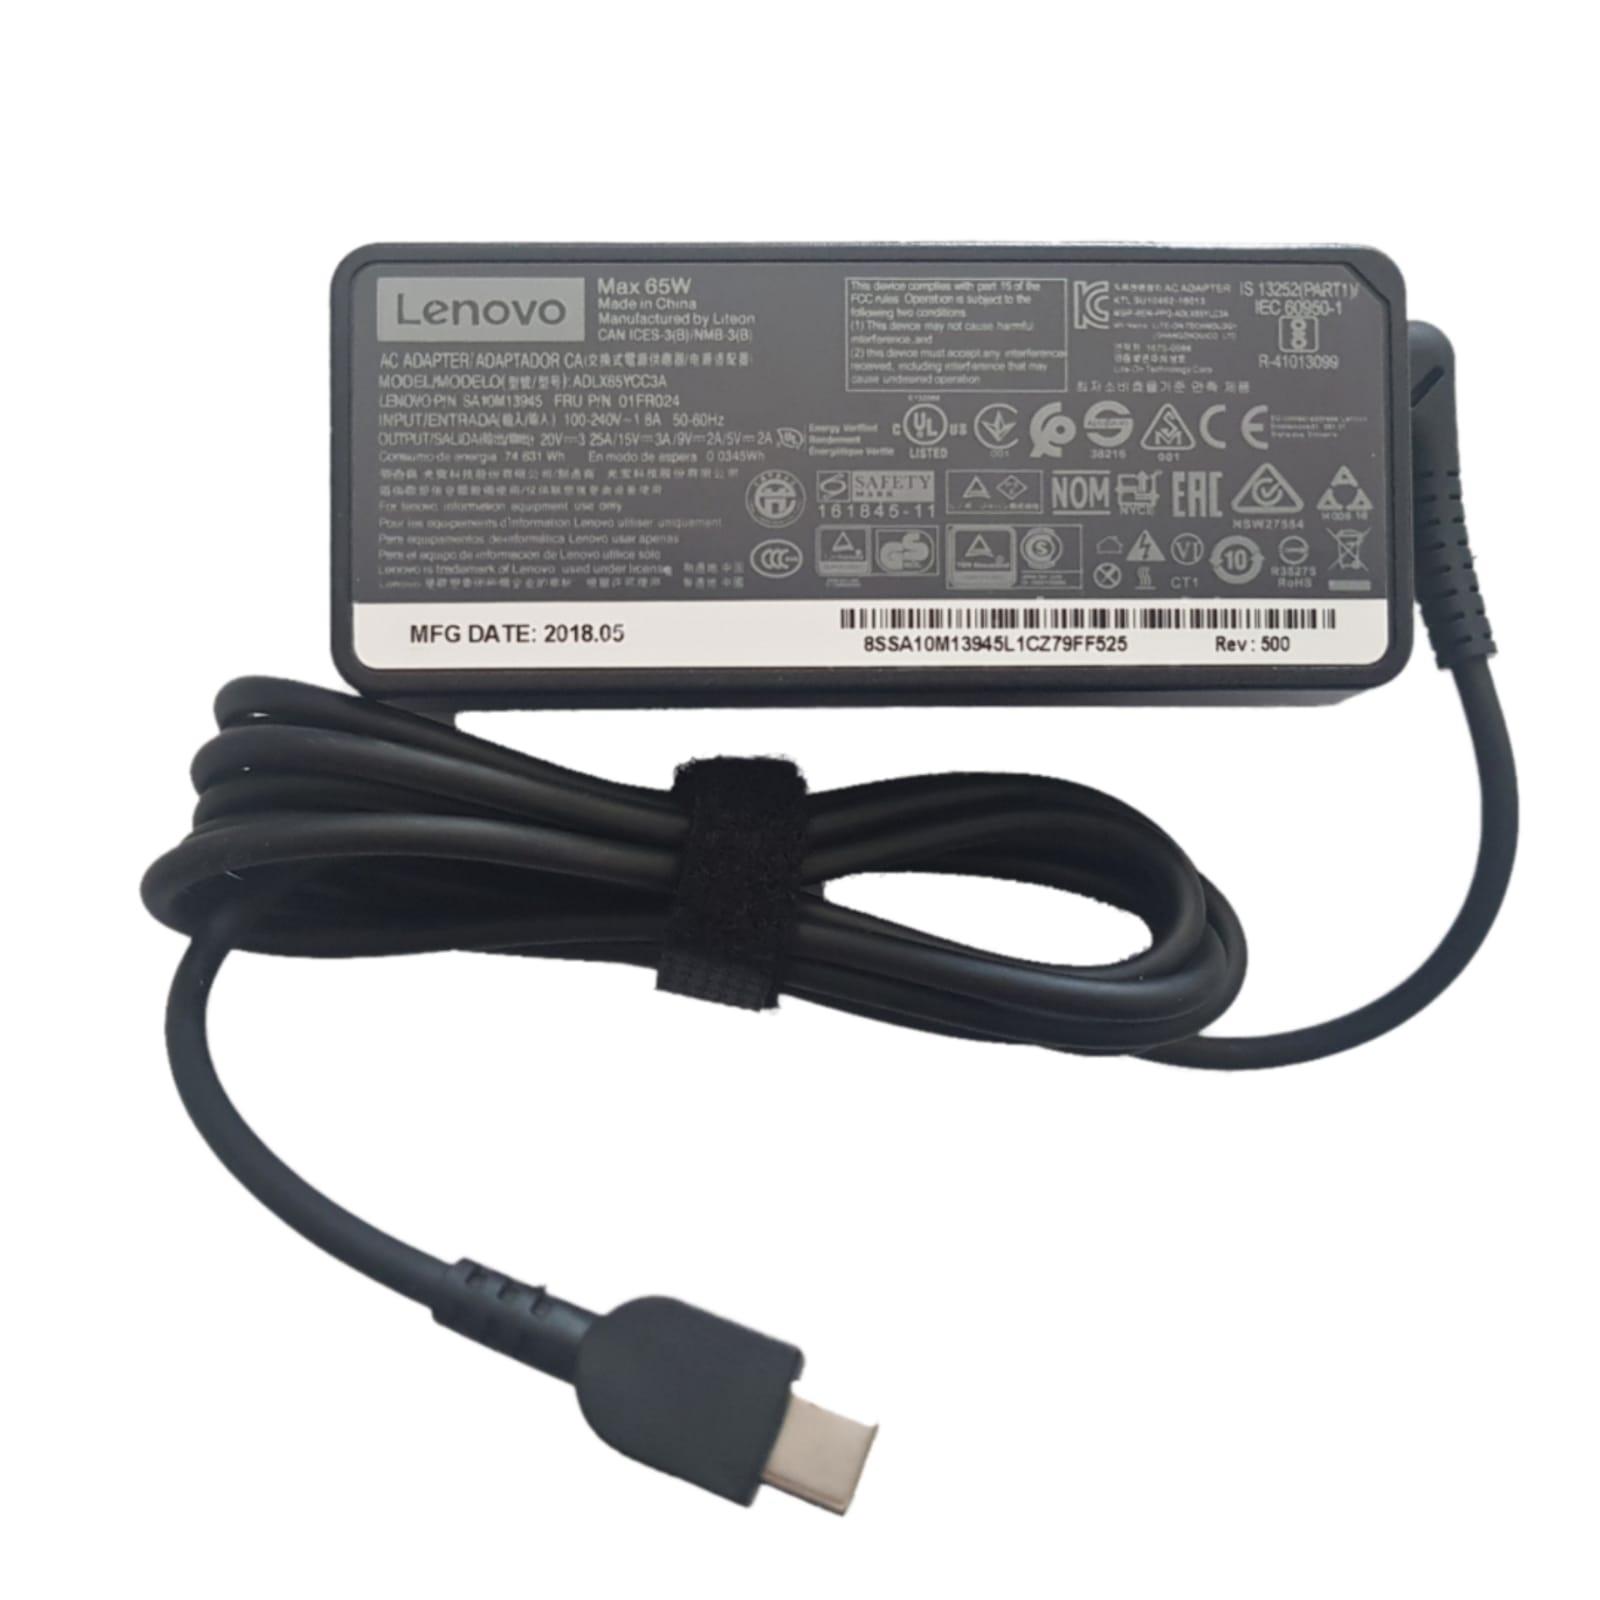 מטען למחשב נייד לנובו Lenovo ThinkPad E495